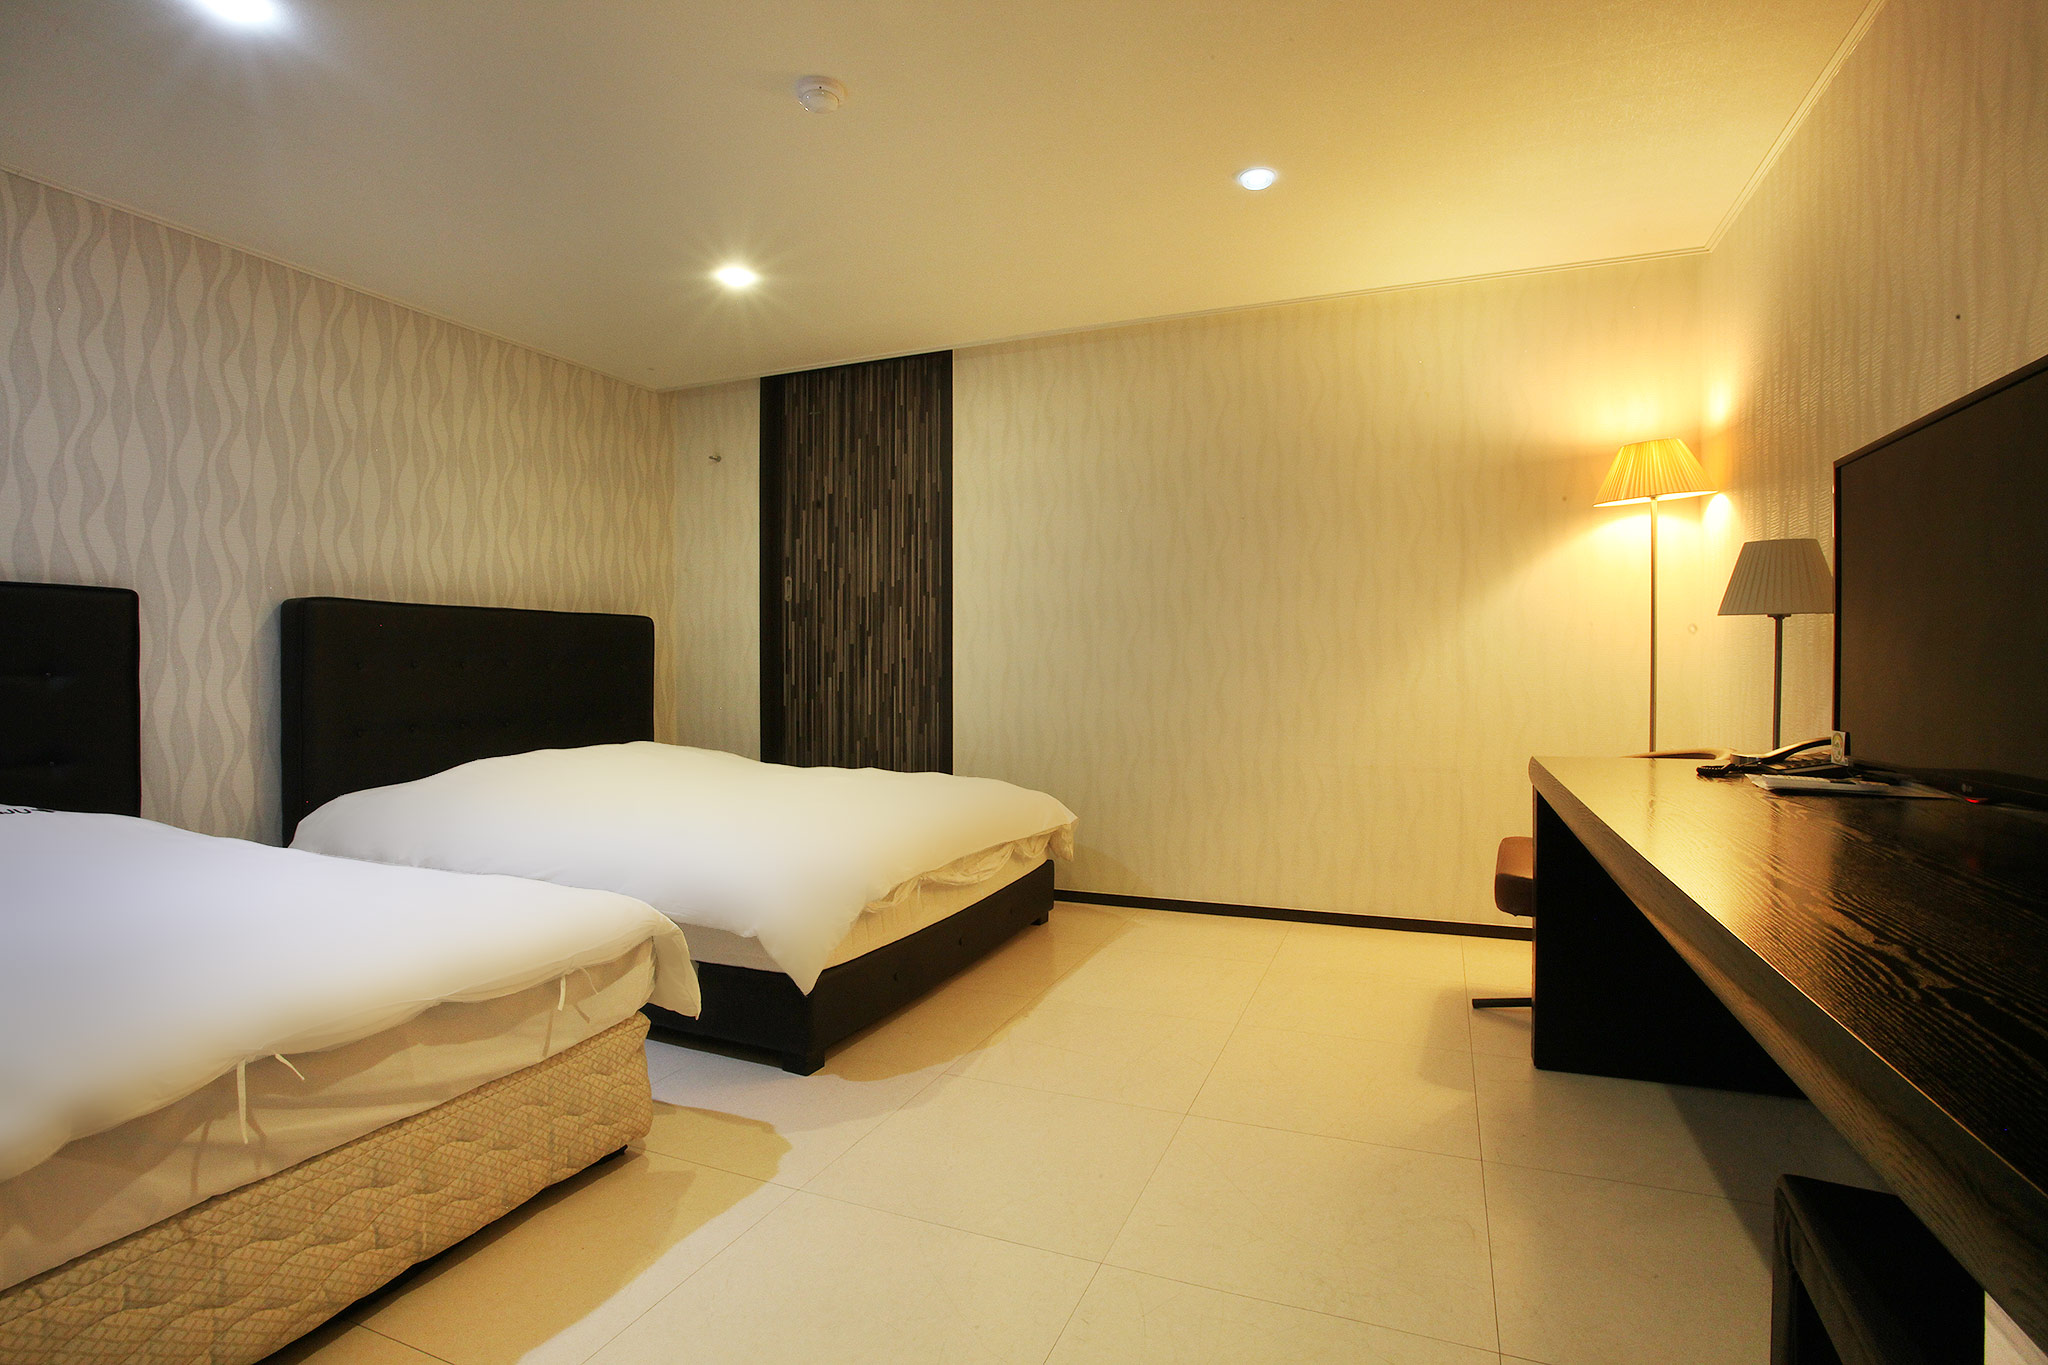 서귀포 호텔 랑주 썸네일2